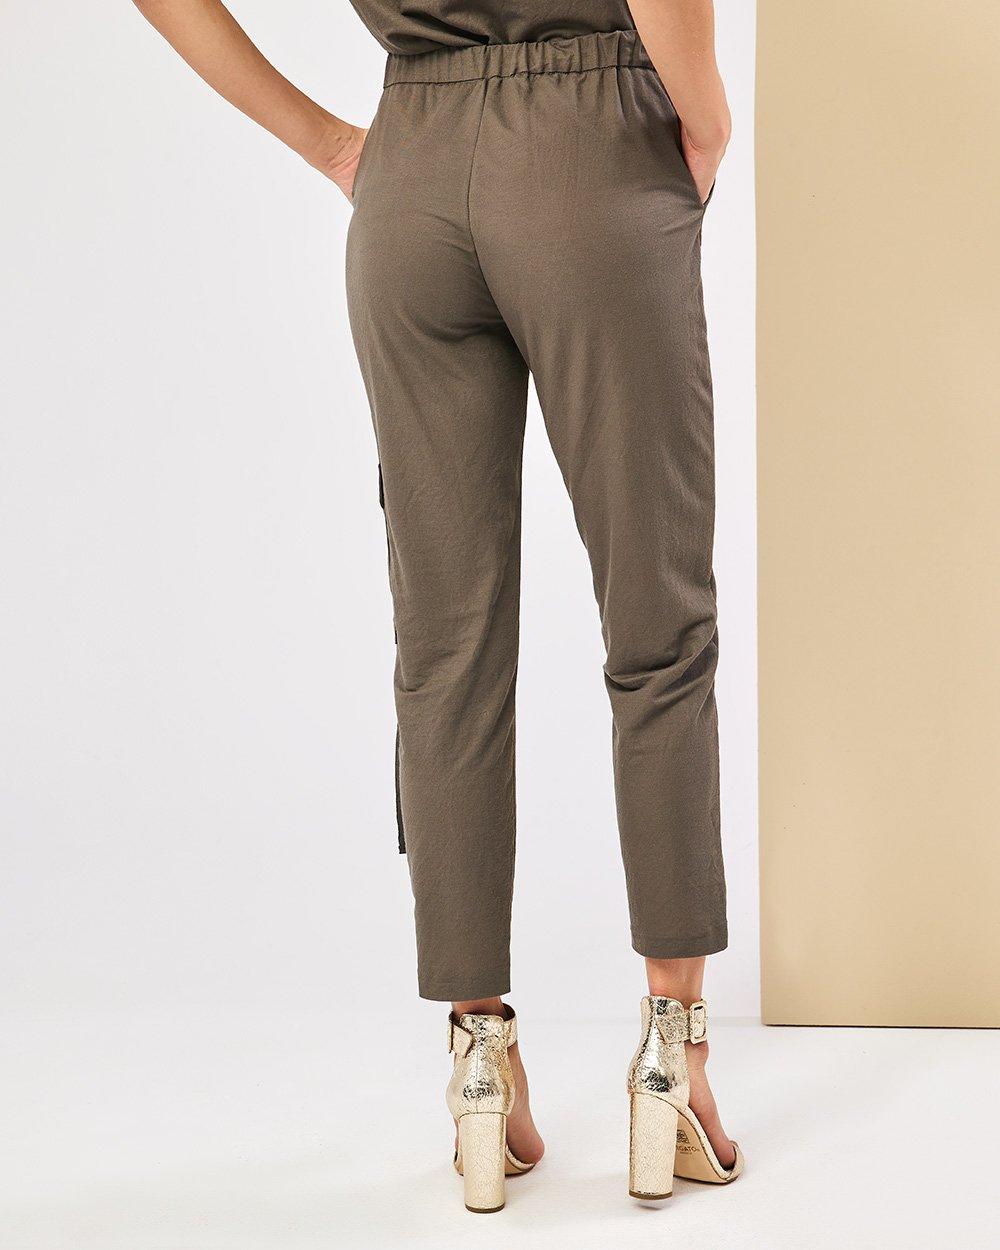 Παντελόνι με εξωτερική τσέπη